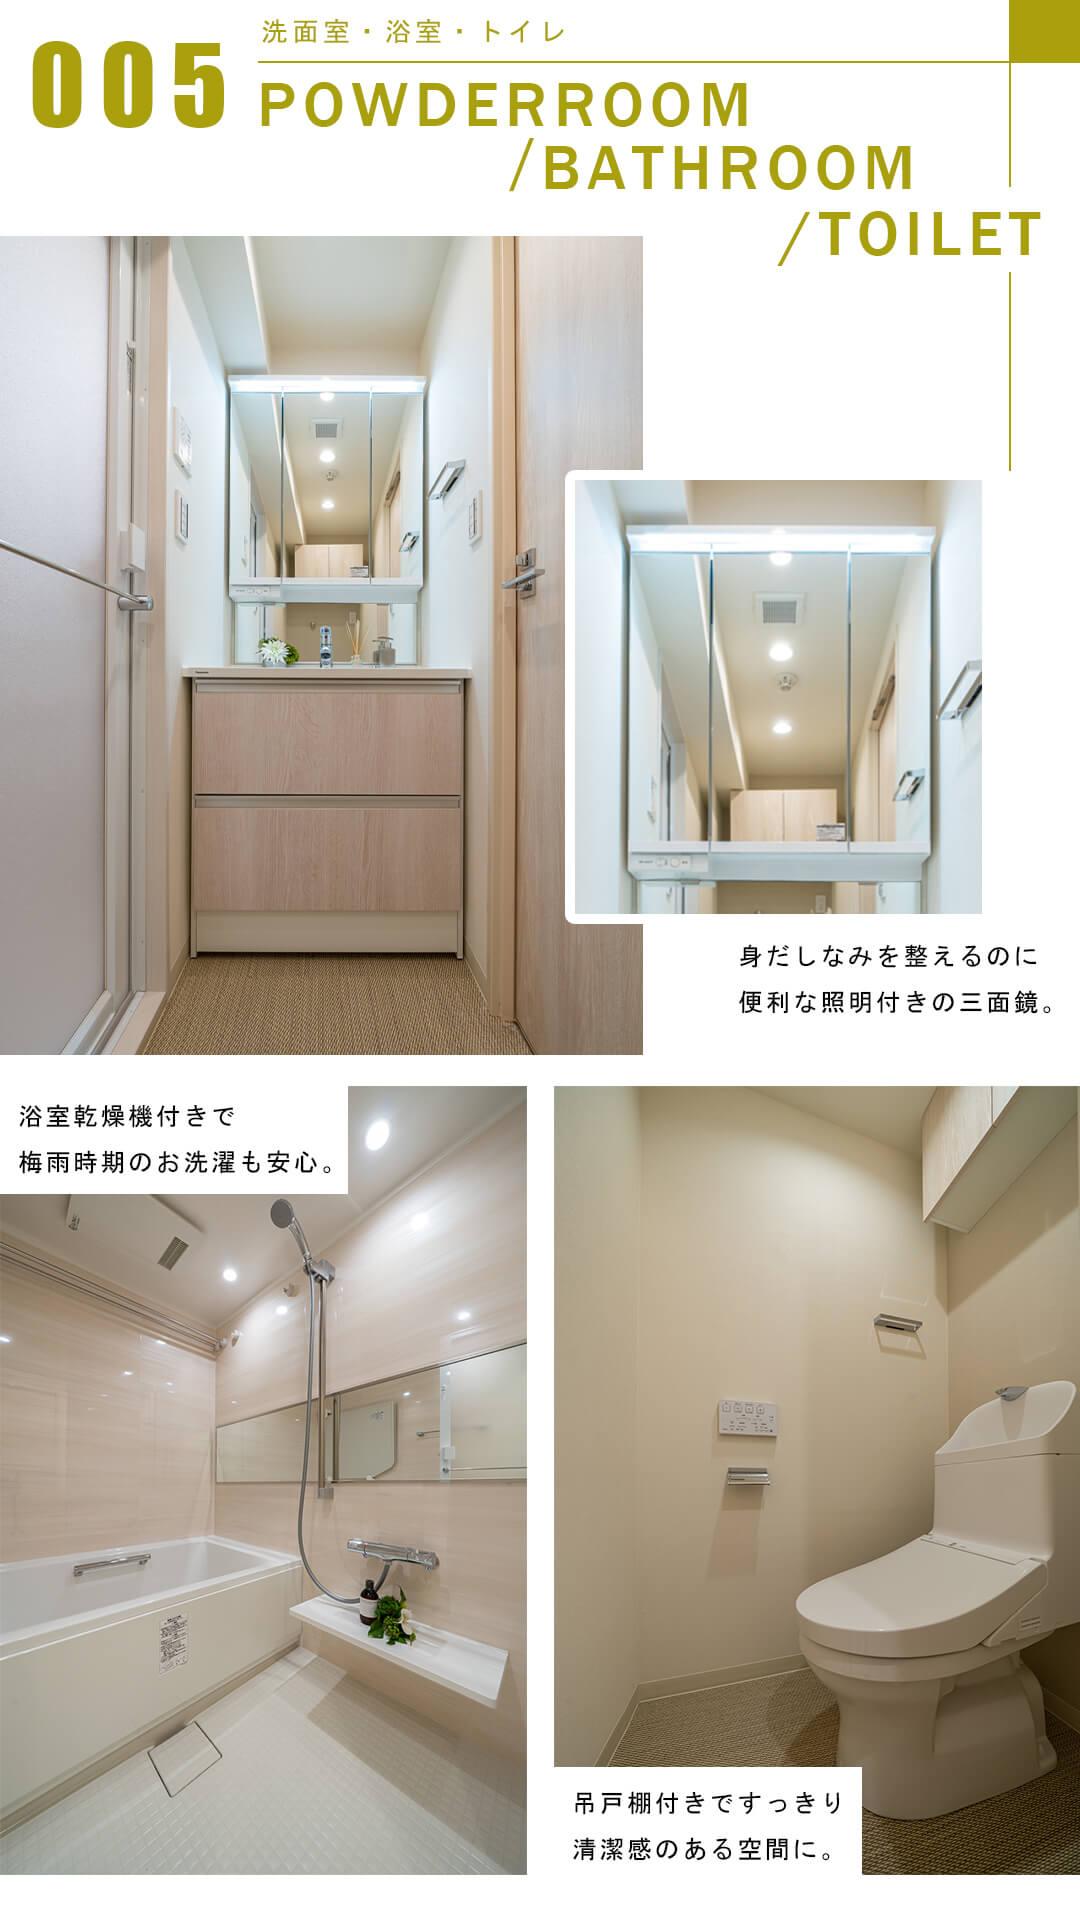 セザール白金ガーデンの洗面室と浴室とトイレ